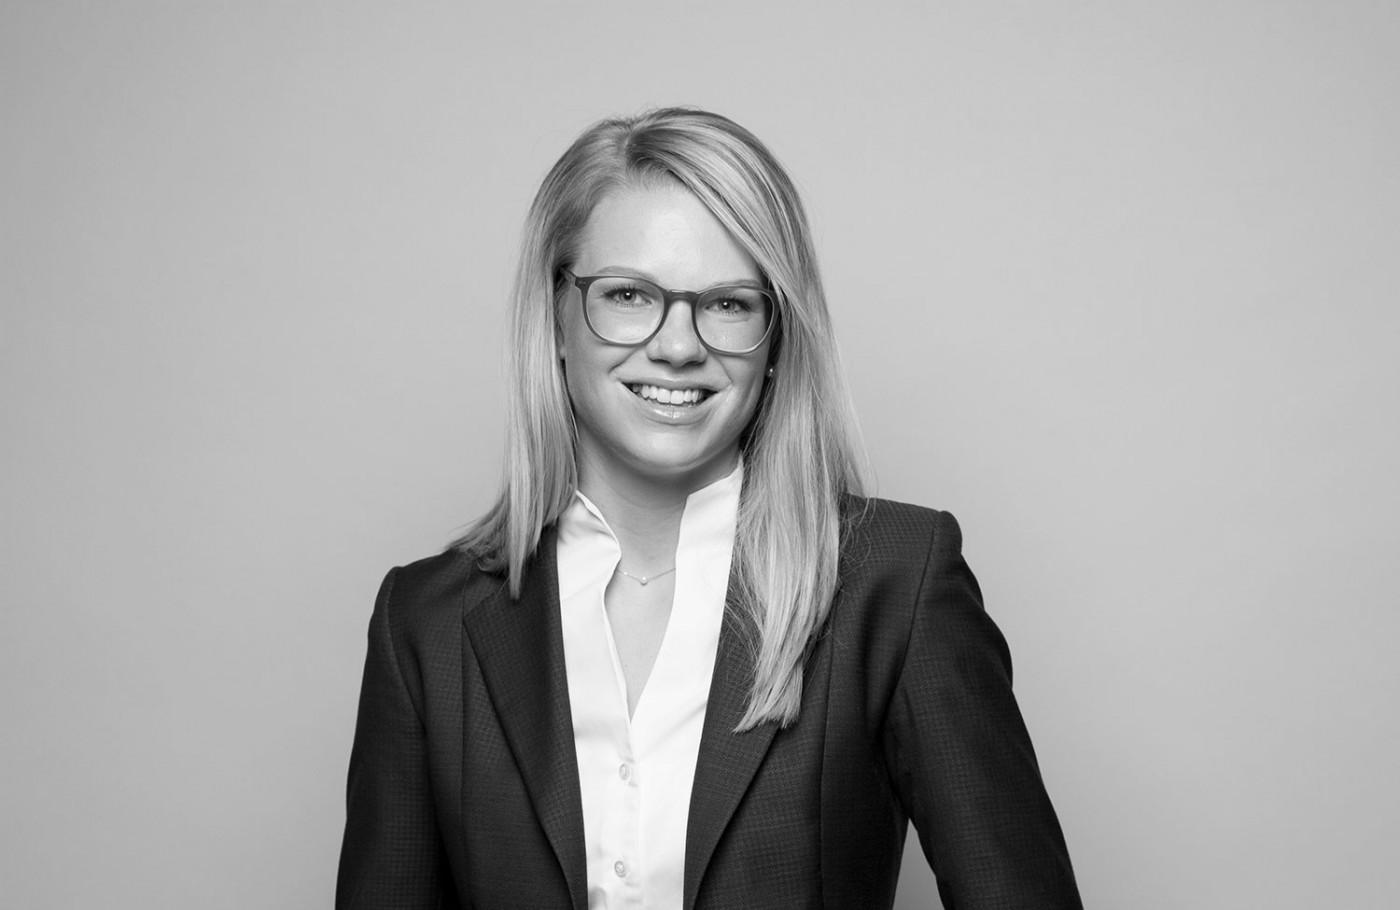 Anna-Lena Kuhlmann